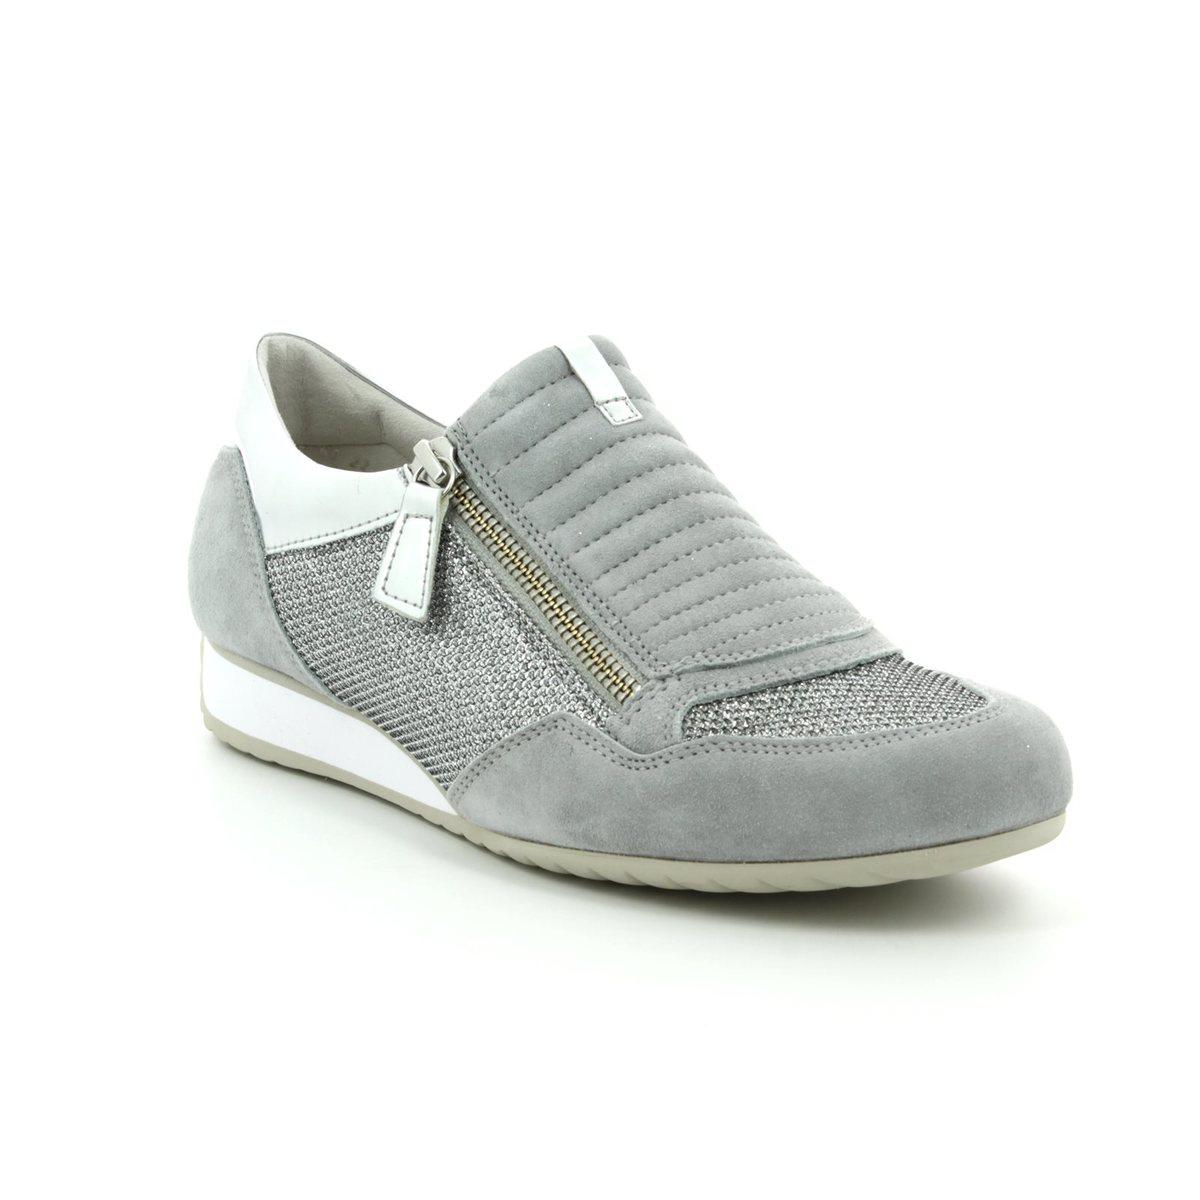 Gabor Trainers - Silver - 86.352.42 BRUNELLO 499997aafa9